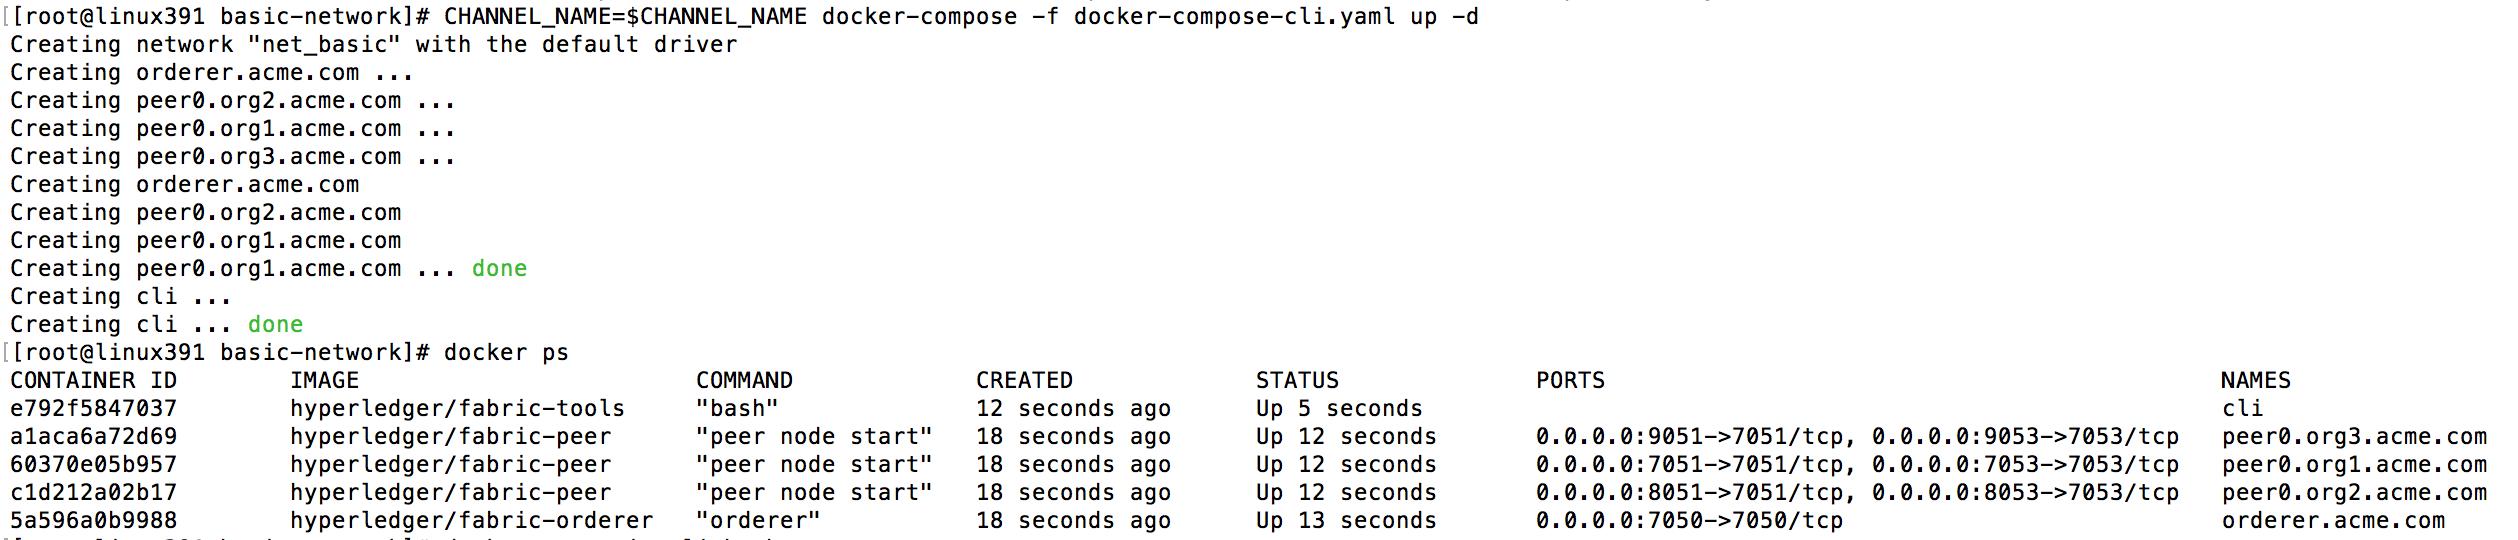 docker-compose output